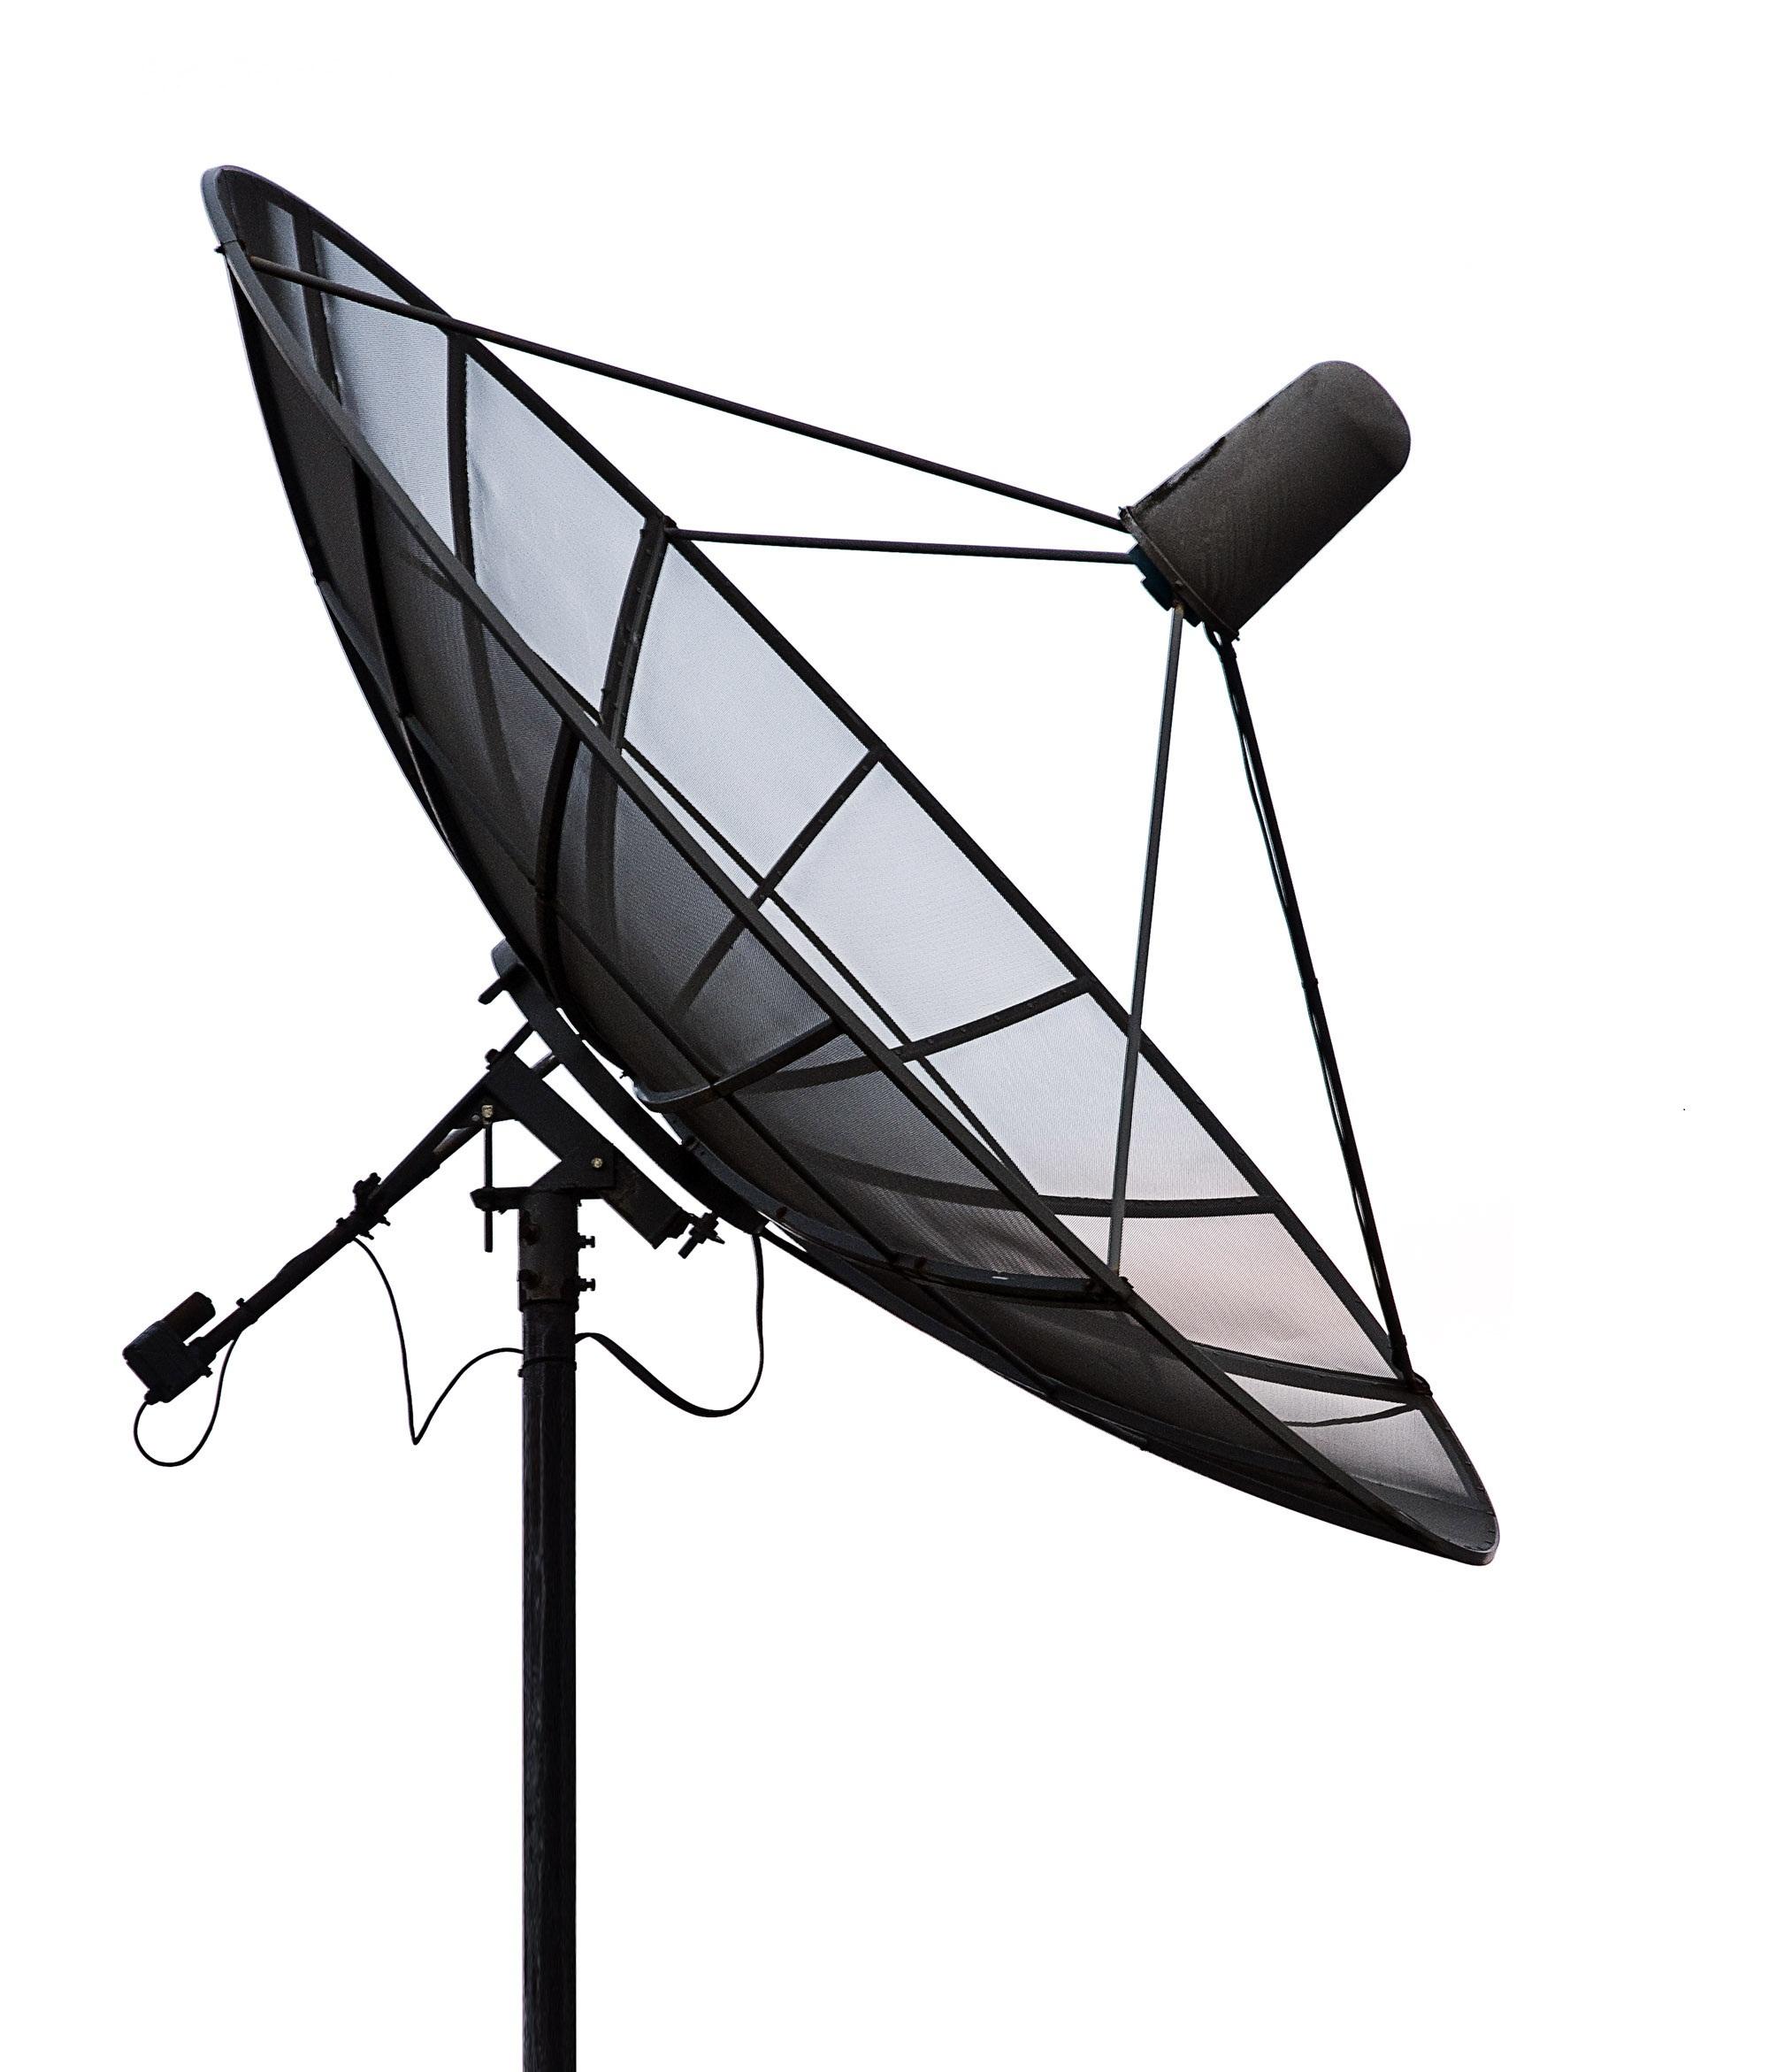 Anten Parabol Comstar 3.69m - ST 12